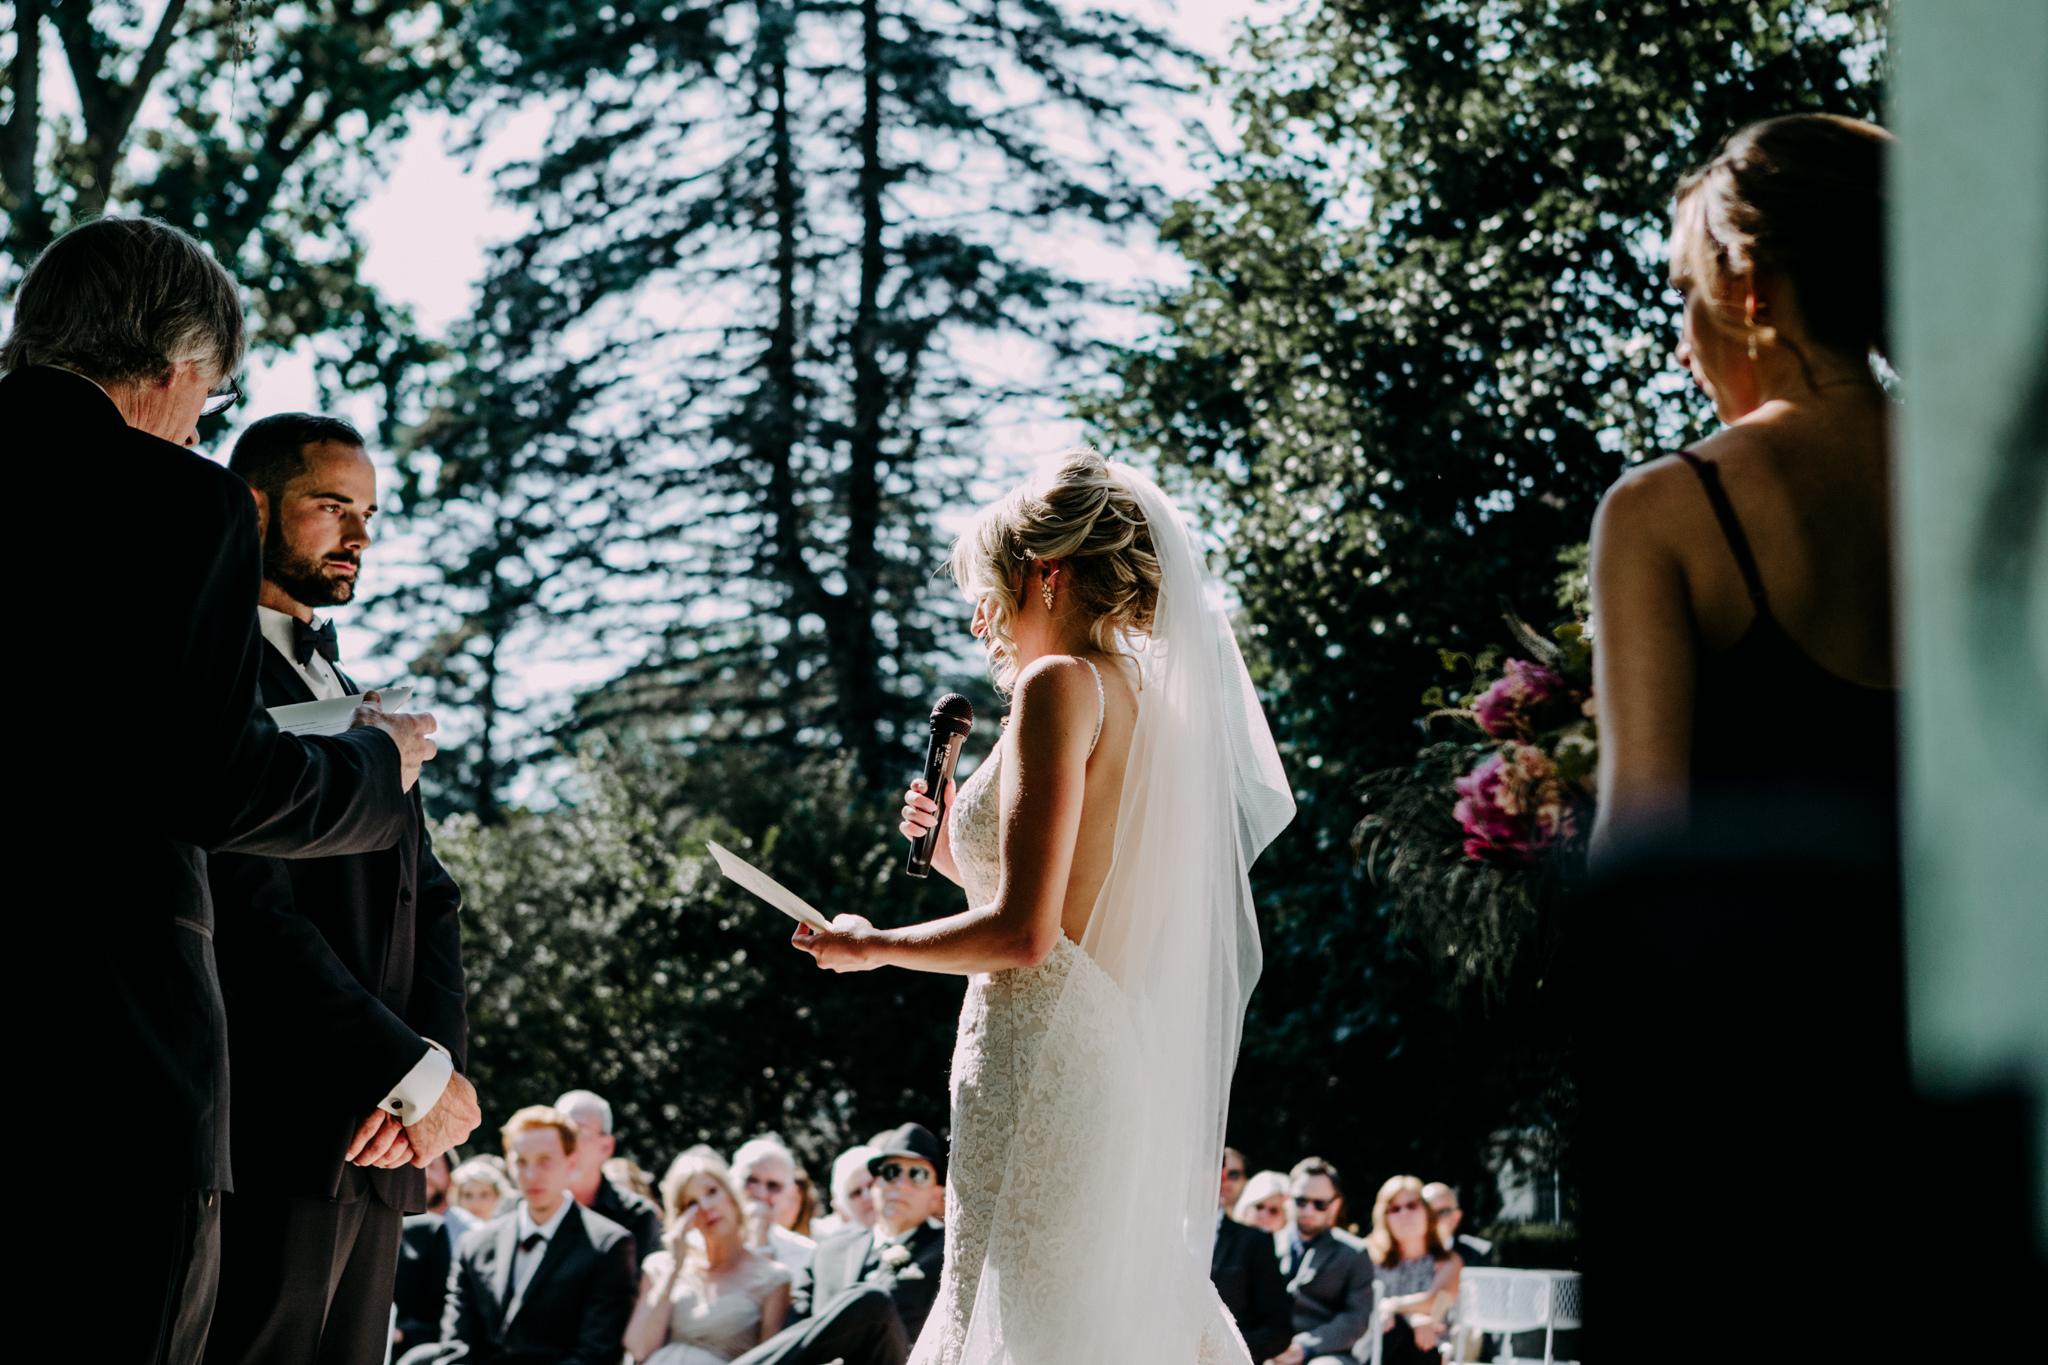 wedding at wellers weddings in salin